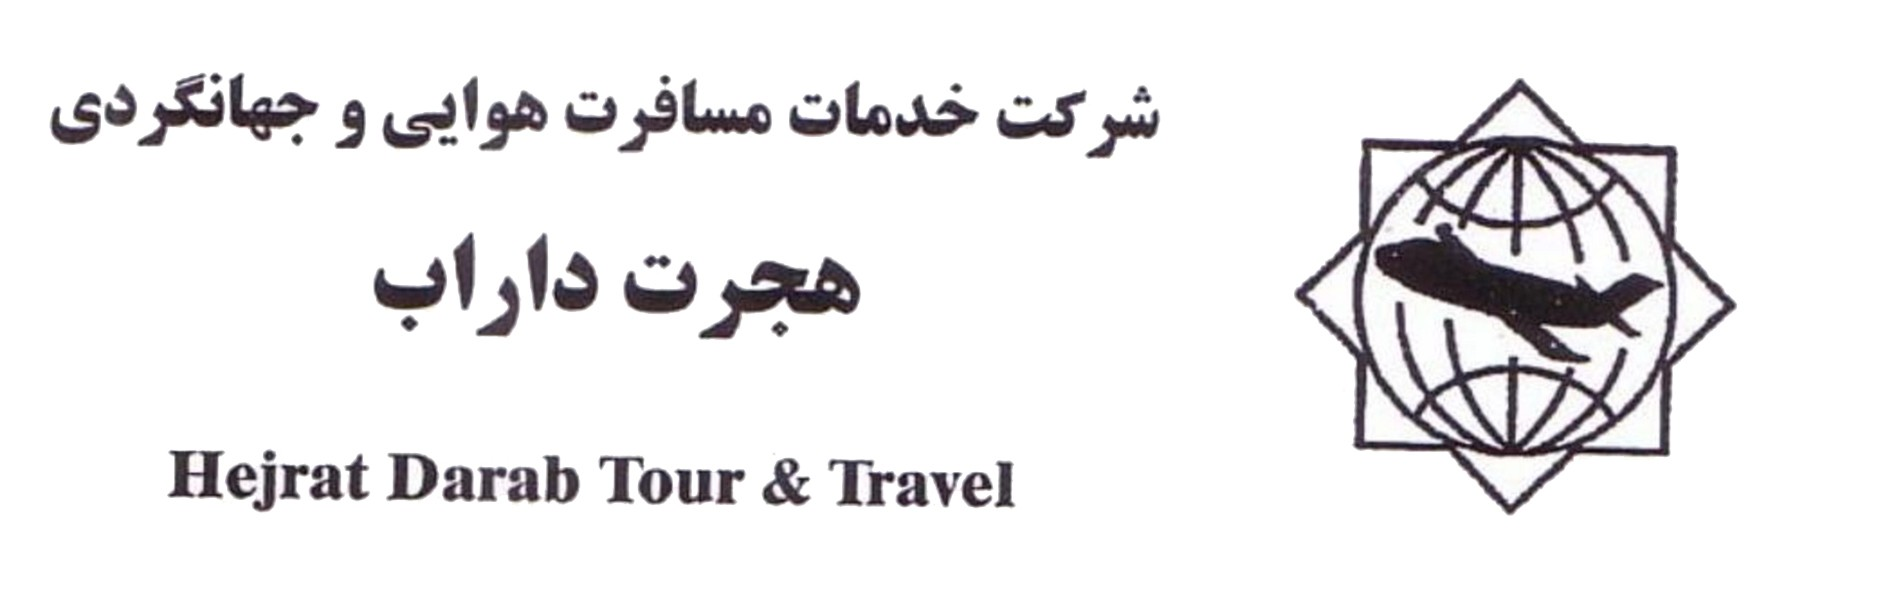 هجرت داراب